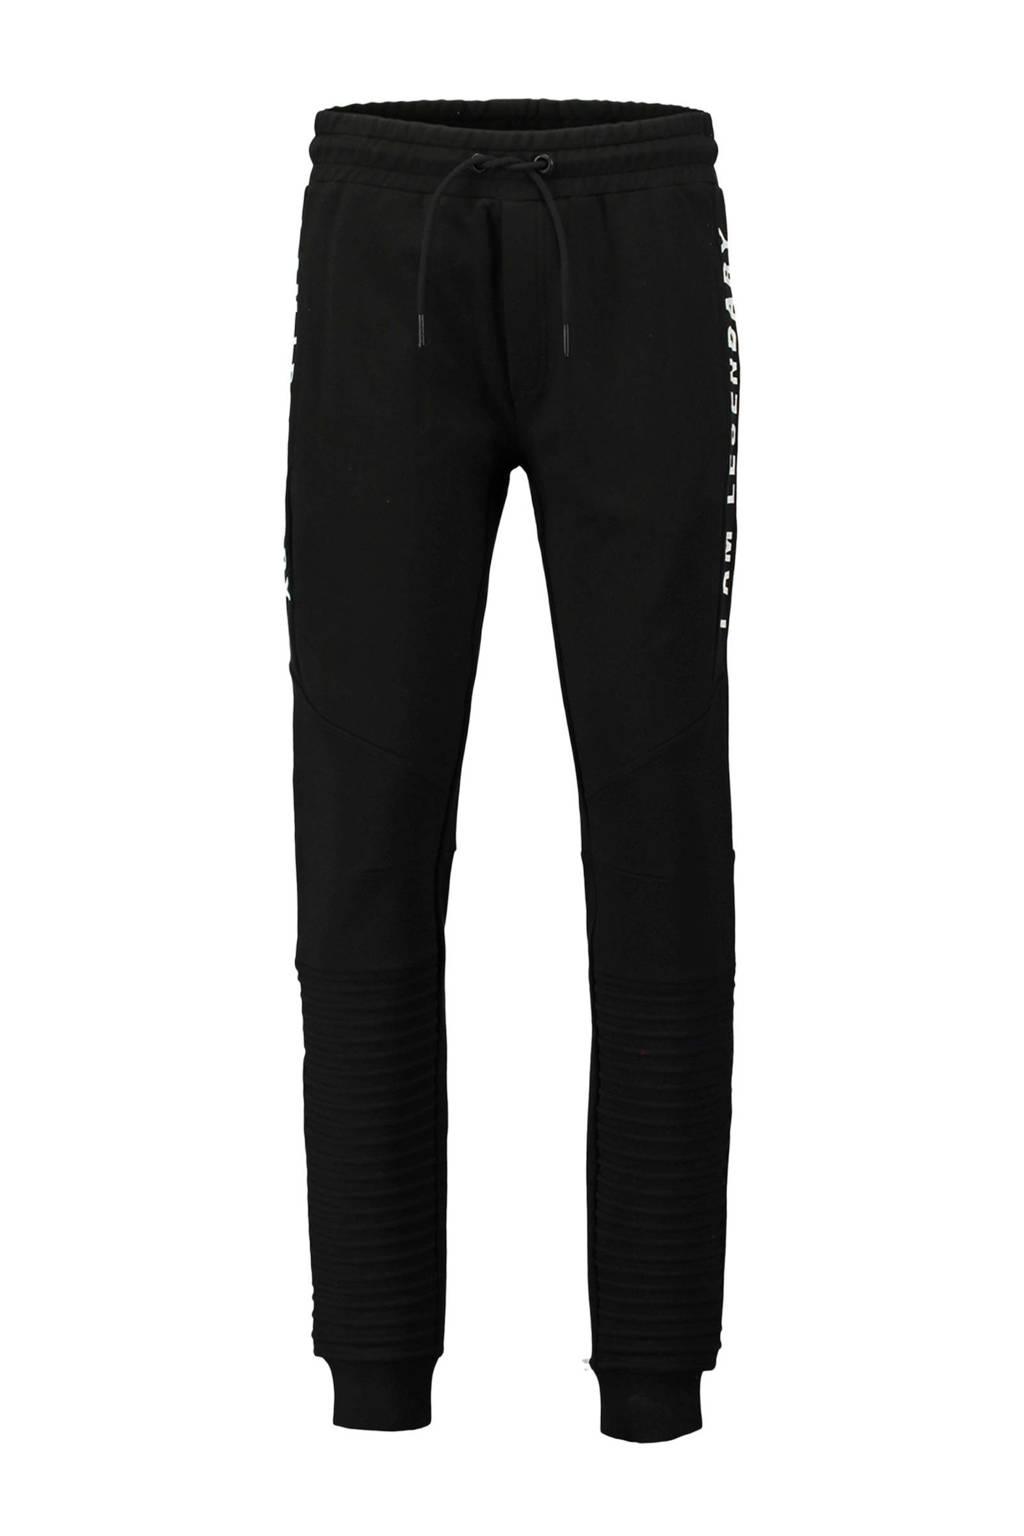 CoolCat   skinny sweatpants donkergroen, Zwart